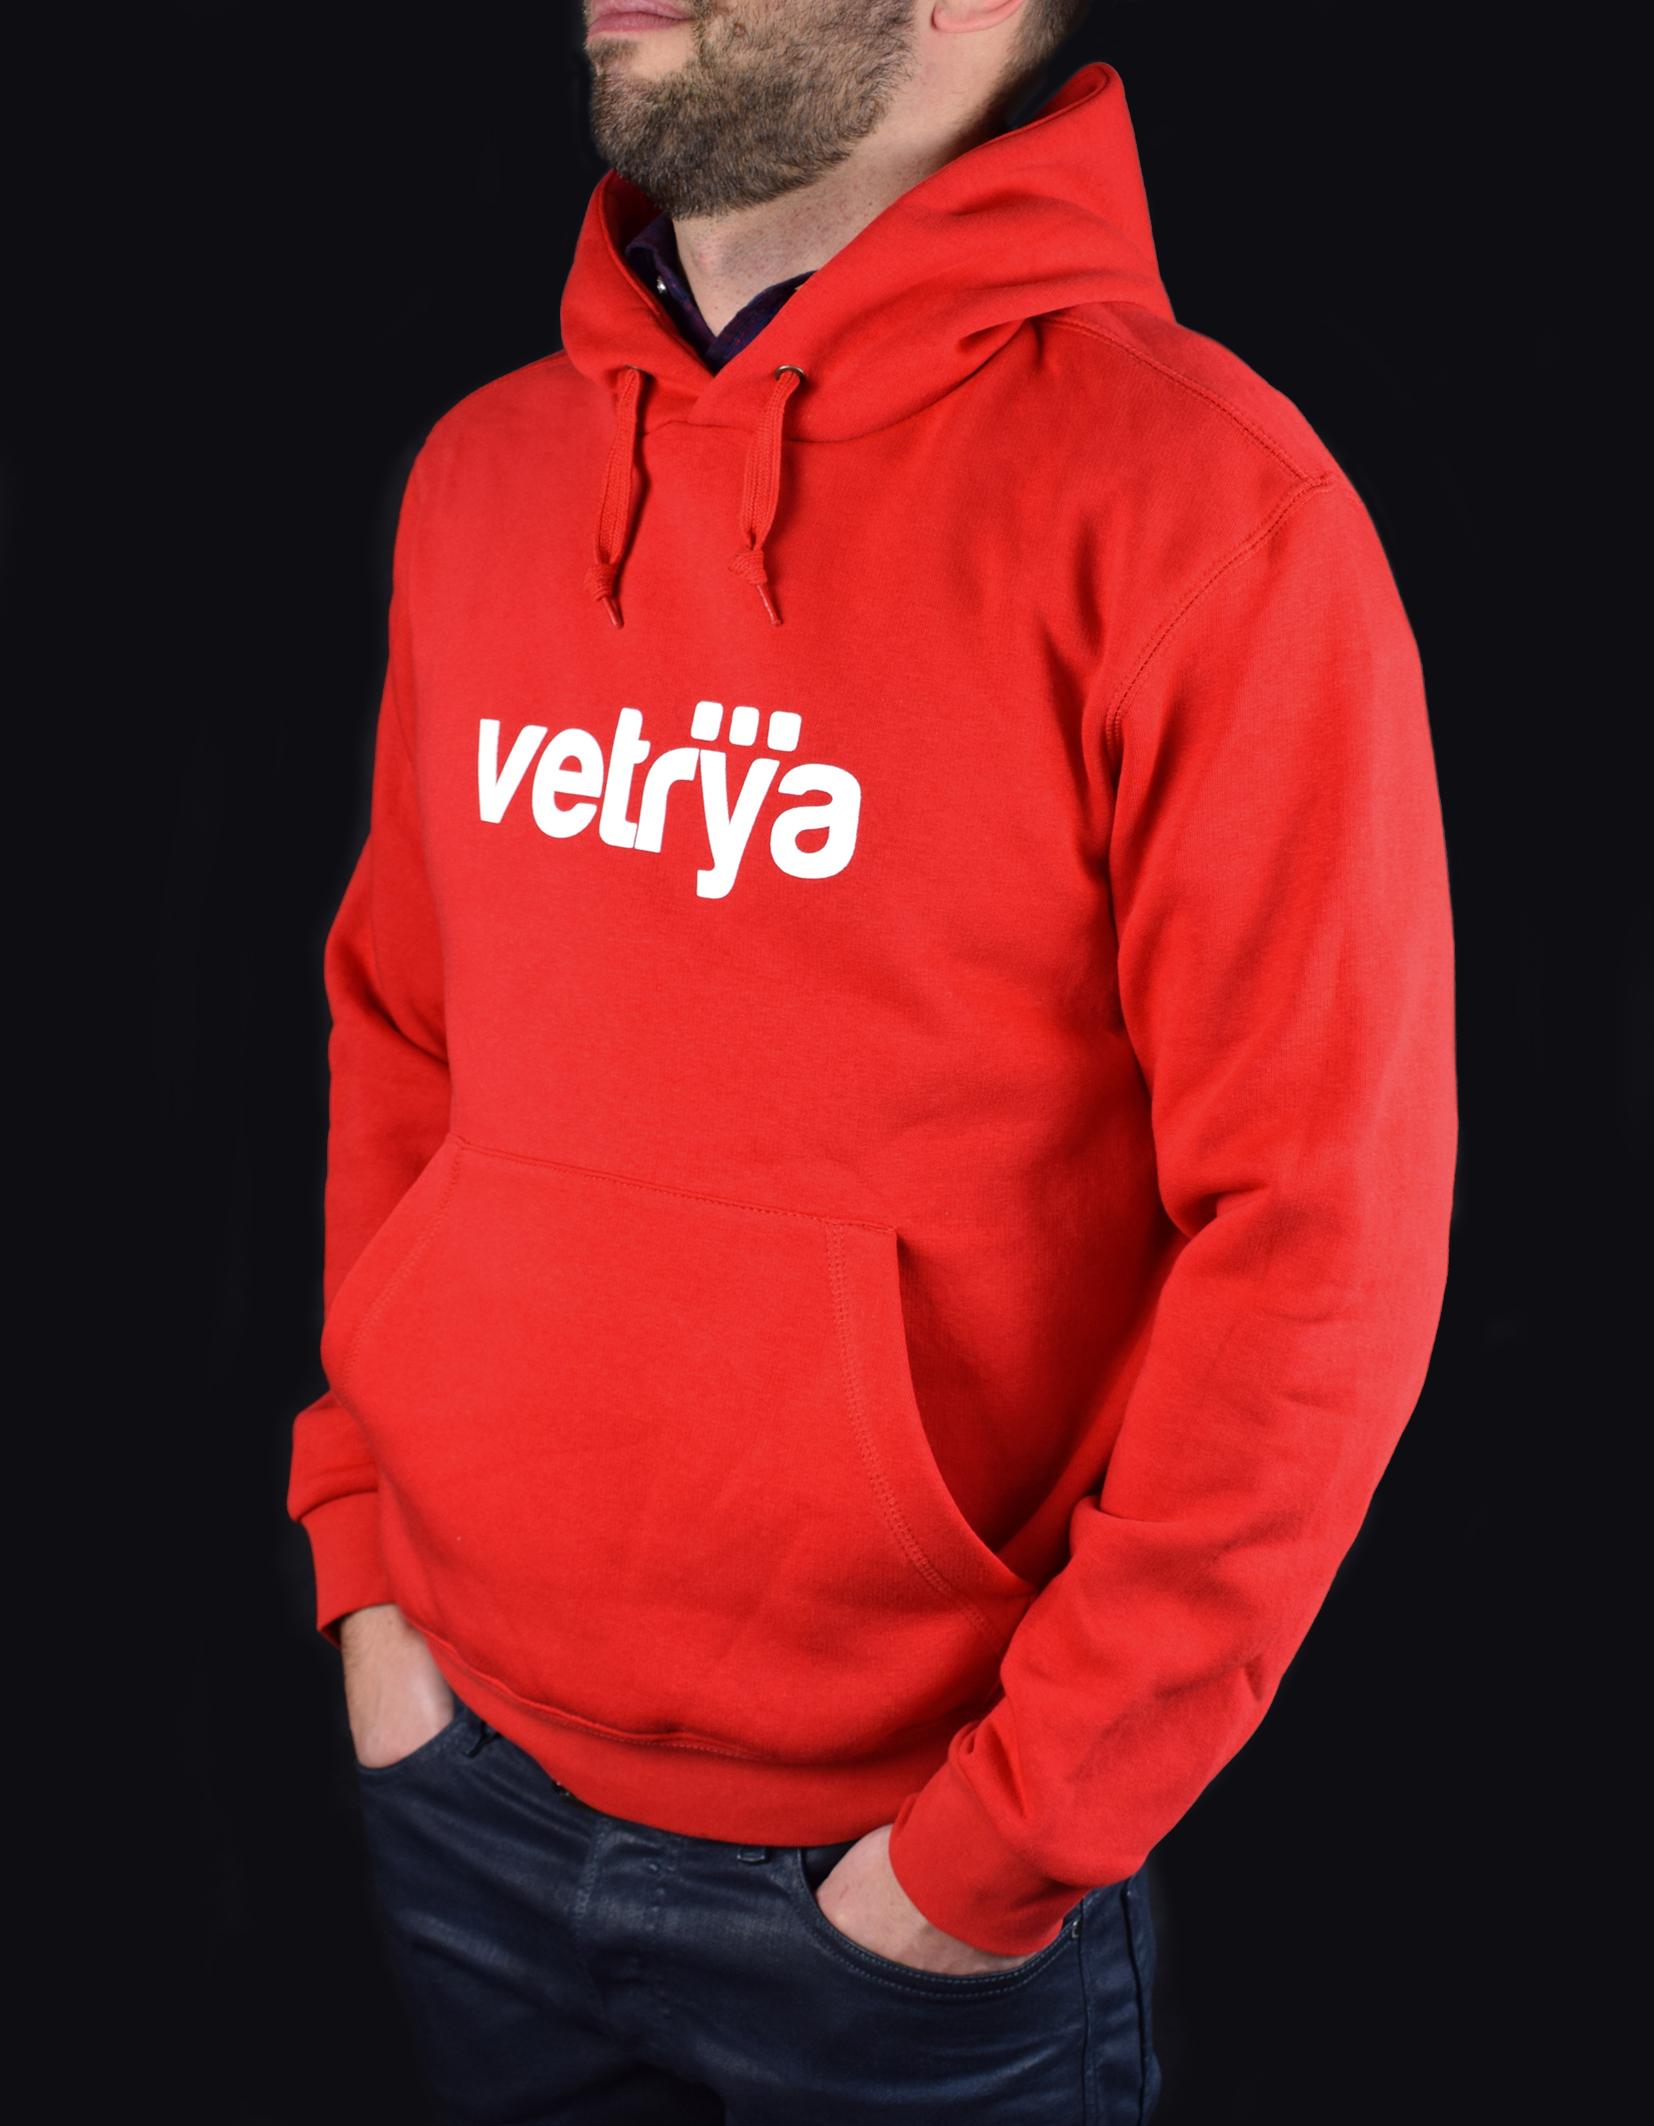 Felpa rossa logo Vetrya